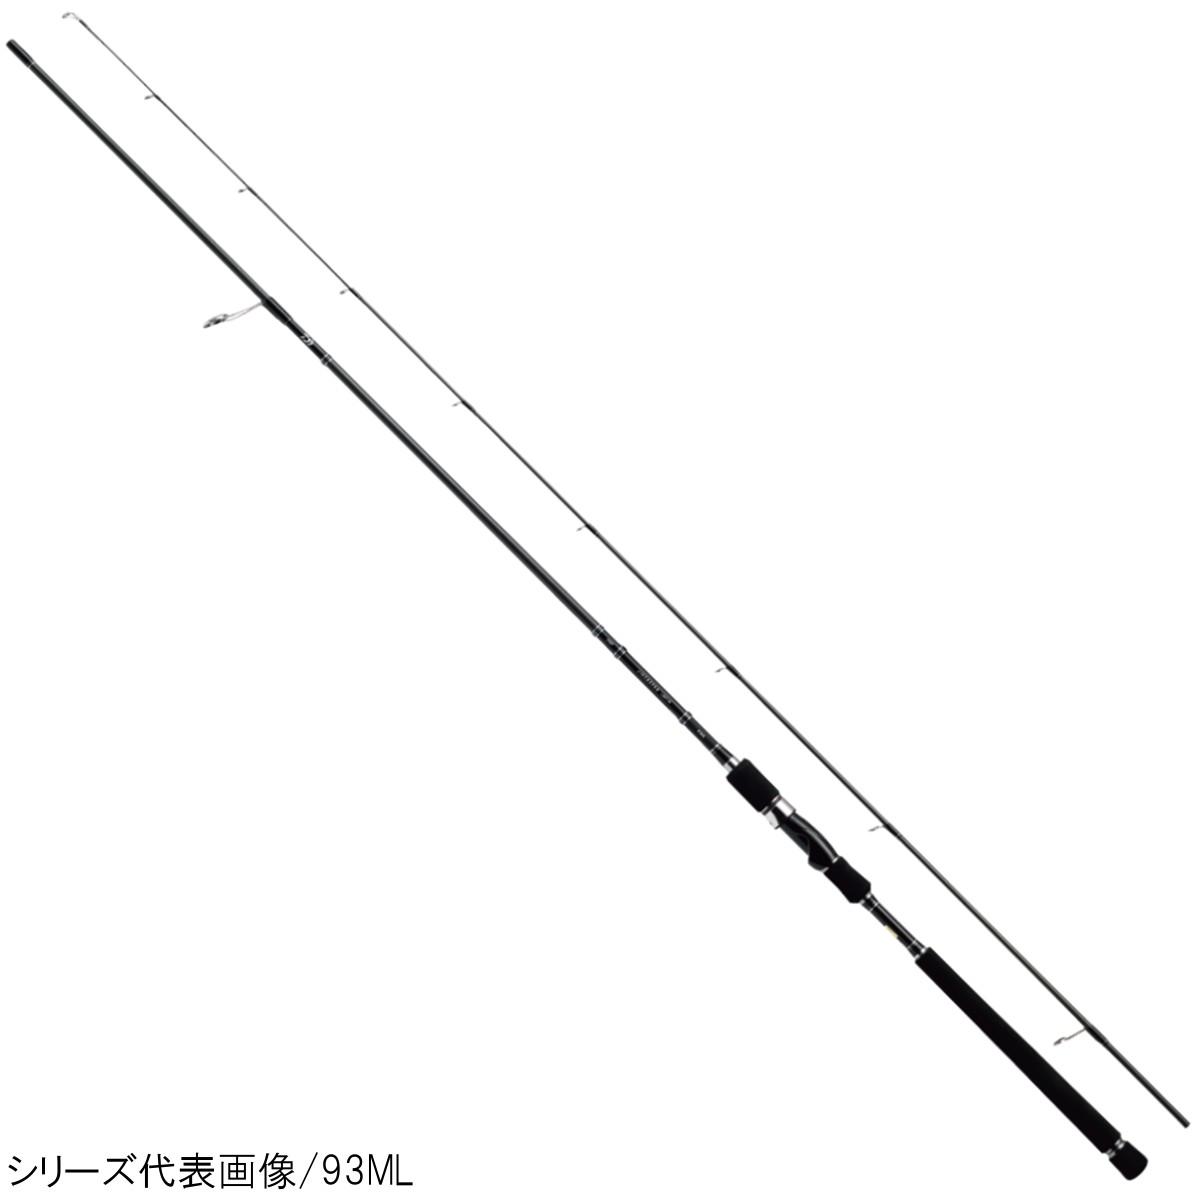 ダイワ ジグキャスター ライト MX 98ML【大型商品】